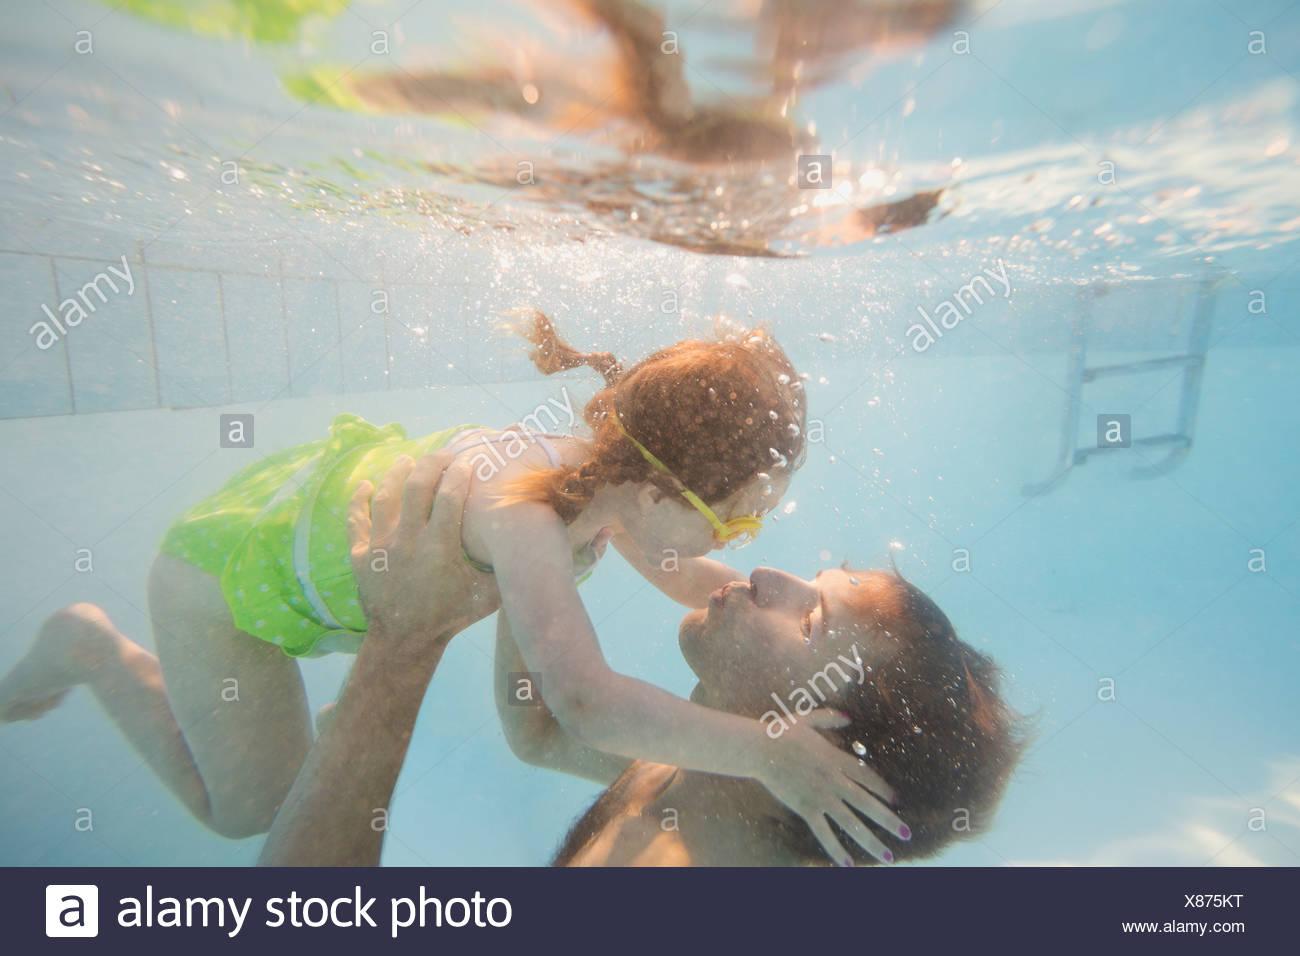 Padre e figlia sott'acqua in piscina Immagini Stock